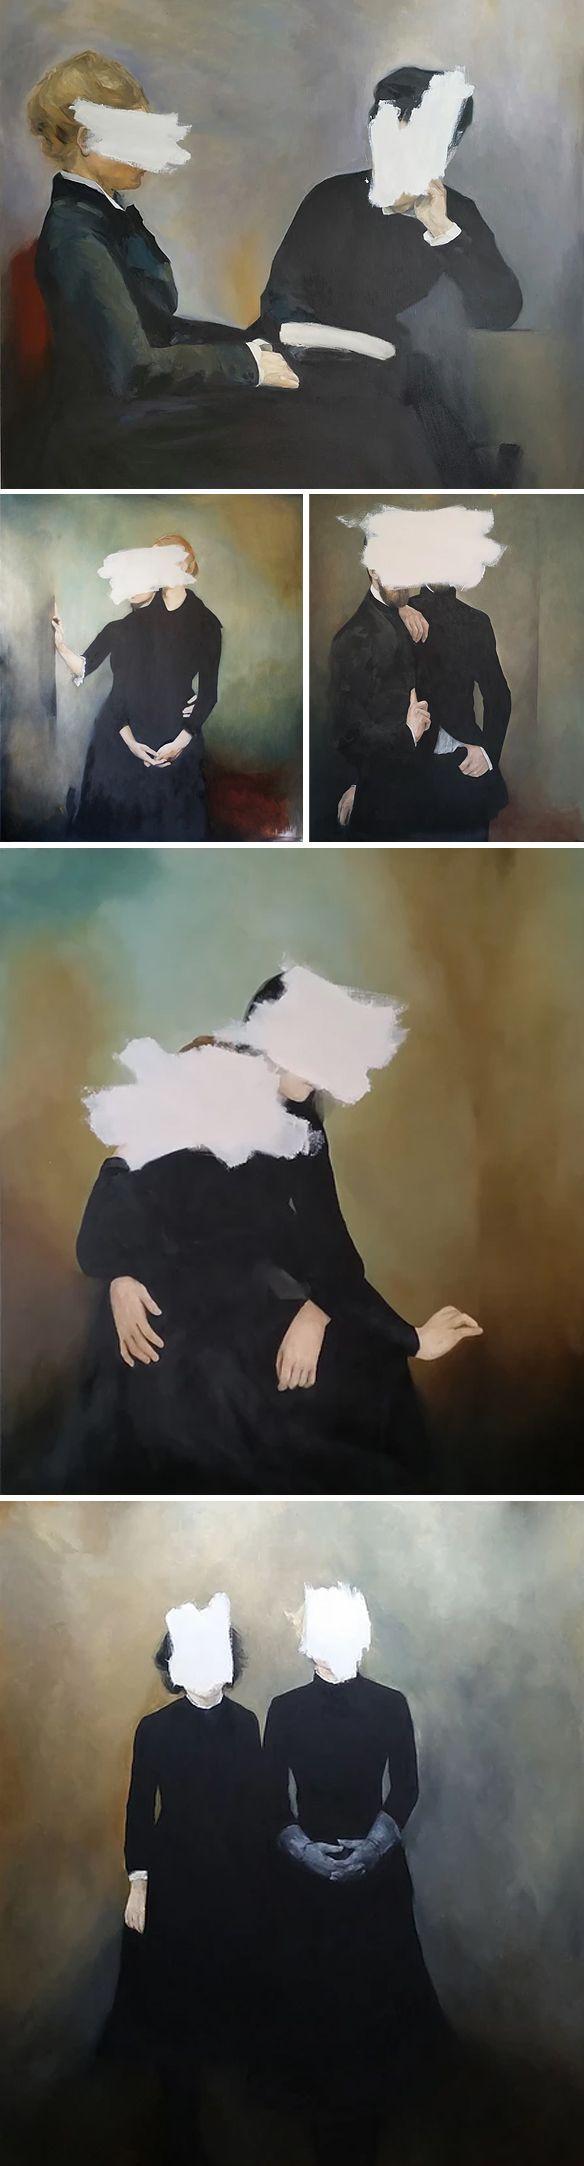 paintings by wanda bernardino